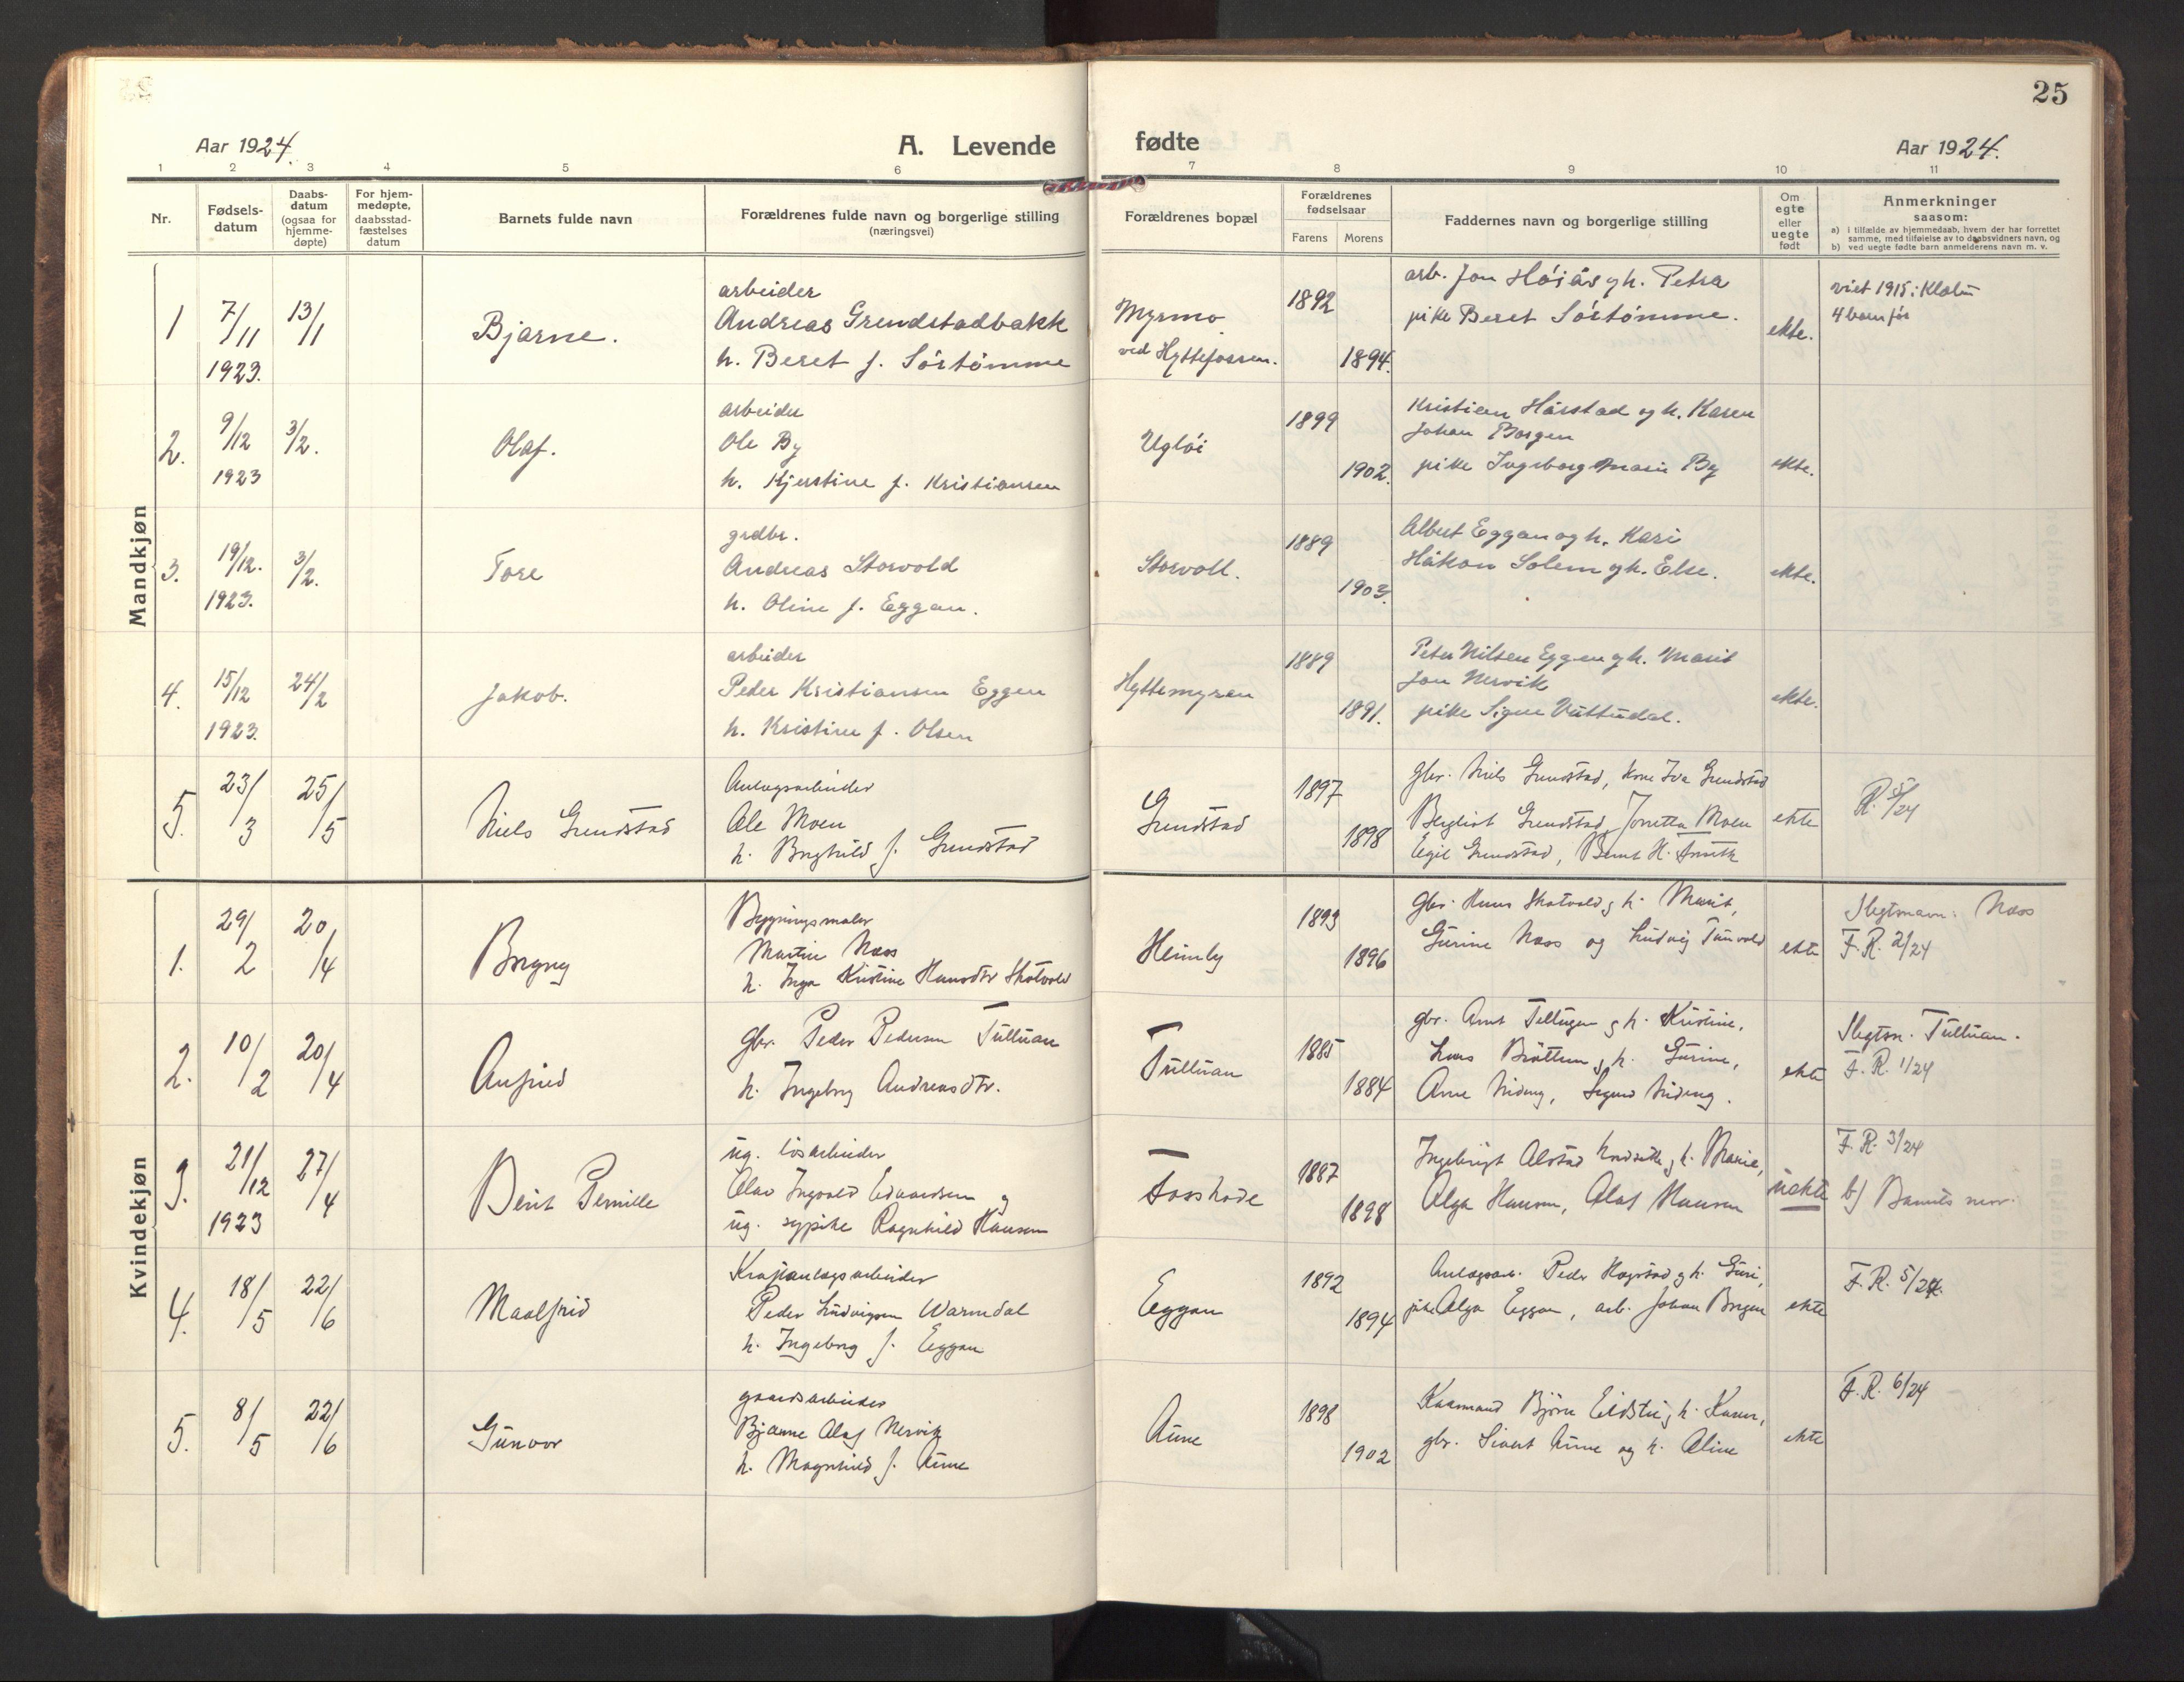 SAT, Ministerialprotokoller, klokkerbøker og fødselsregistre - Sør-Trøndelag, 618/L0449: Ministerialbok nr. 618A12, 1917-1924, s. 25